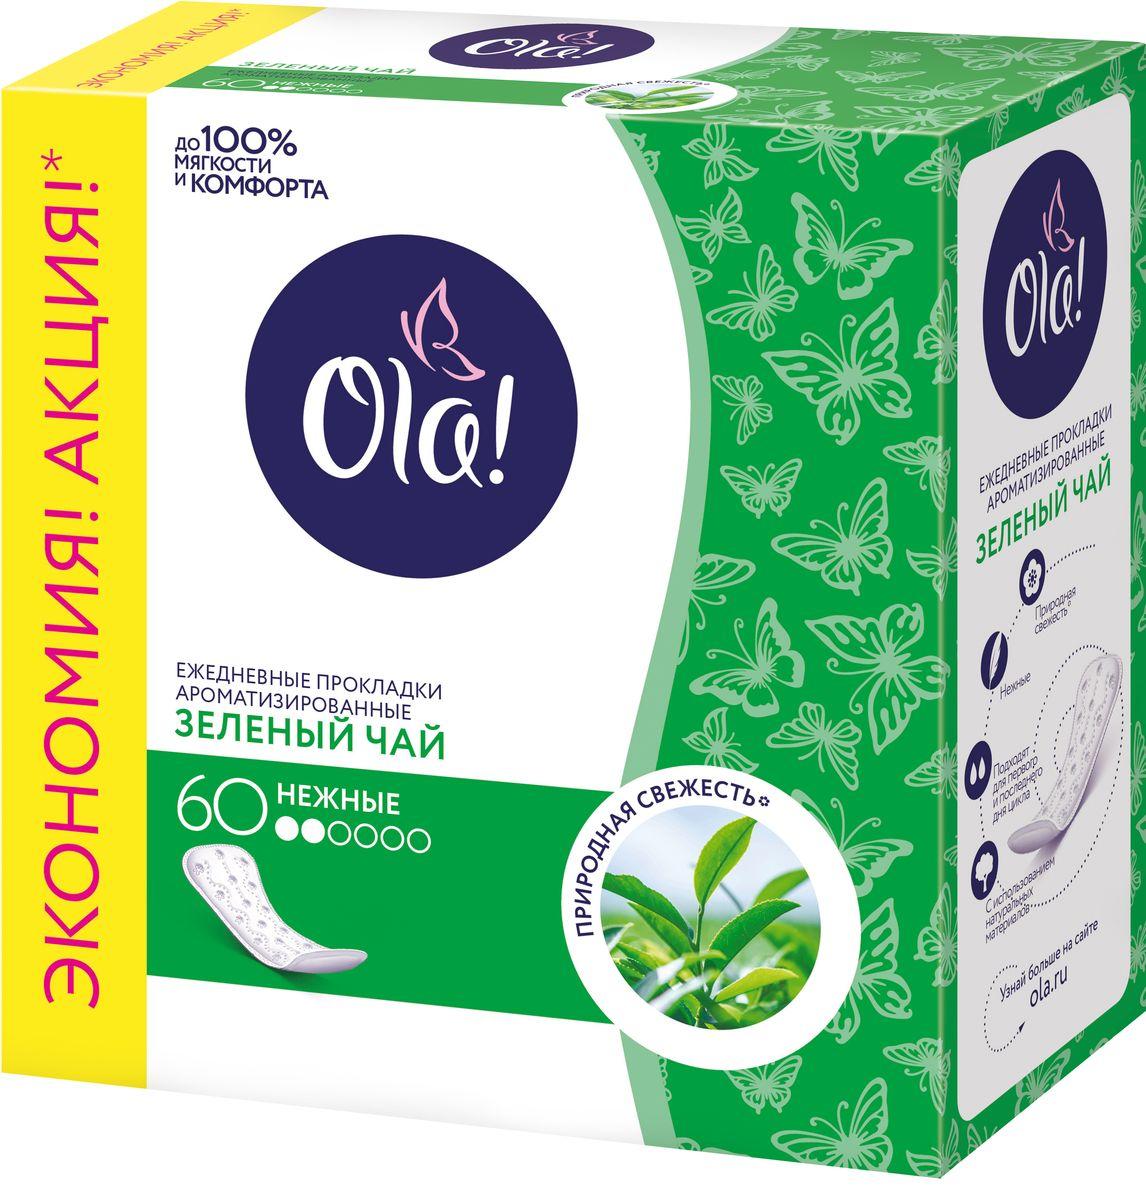 Ola! Daily DEO (Зеленый чай) Прокладки, 60 шт20953OLA! DAILY DEO ПРОКЛАДКИ ЕЖЕДНЕВНЫЕ Зеленый чайСозданы из натурального материала - 100% целлюлозы;Лучший показатель по объему впитываемой жидкости.xАнатомическая форма;Мягкость;С нежным ароматом зеленого чая.xЭто дает возможность использовать Daily при необильных выделениях в критические дни; Упаковка 60 шт.